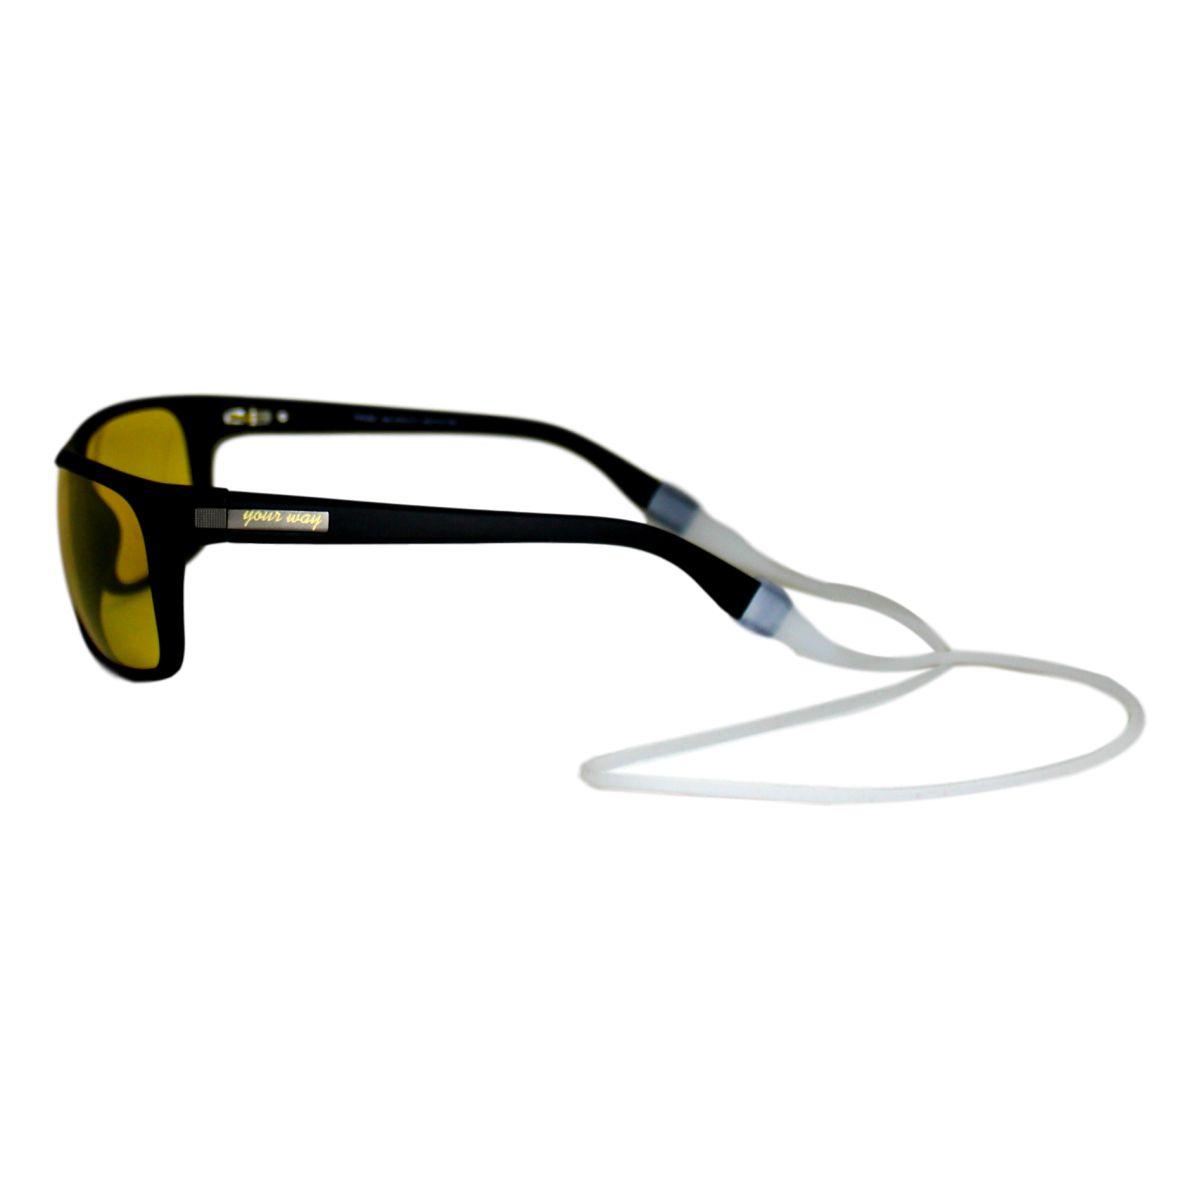 Óculos de sol Your Way 4261YW-Preto/Lentes Transparentes Amarelas